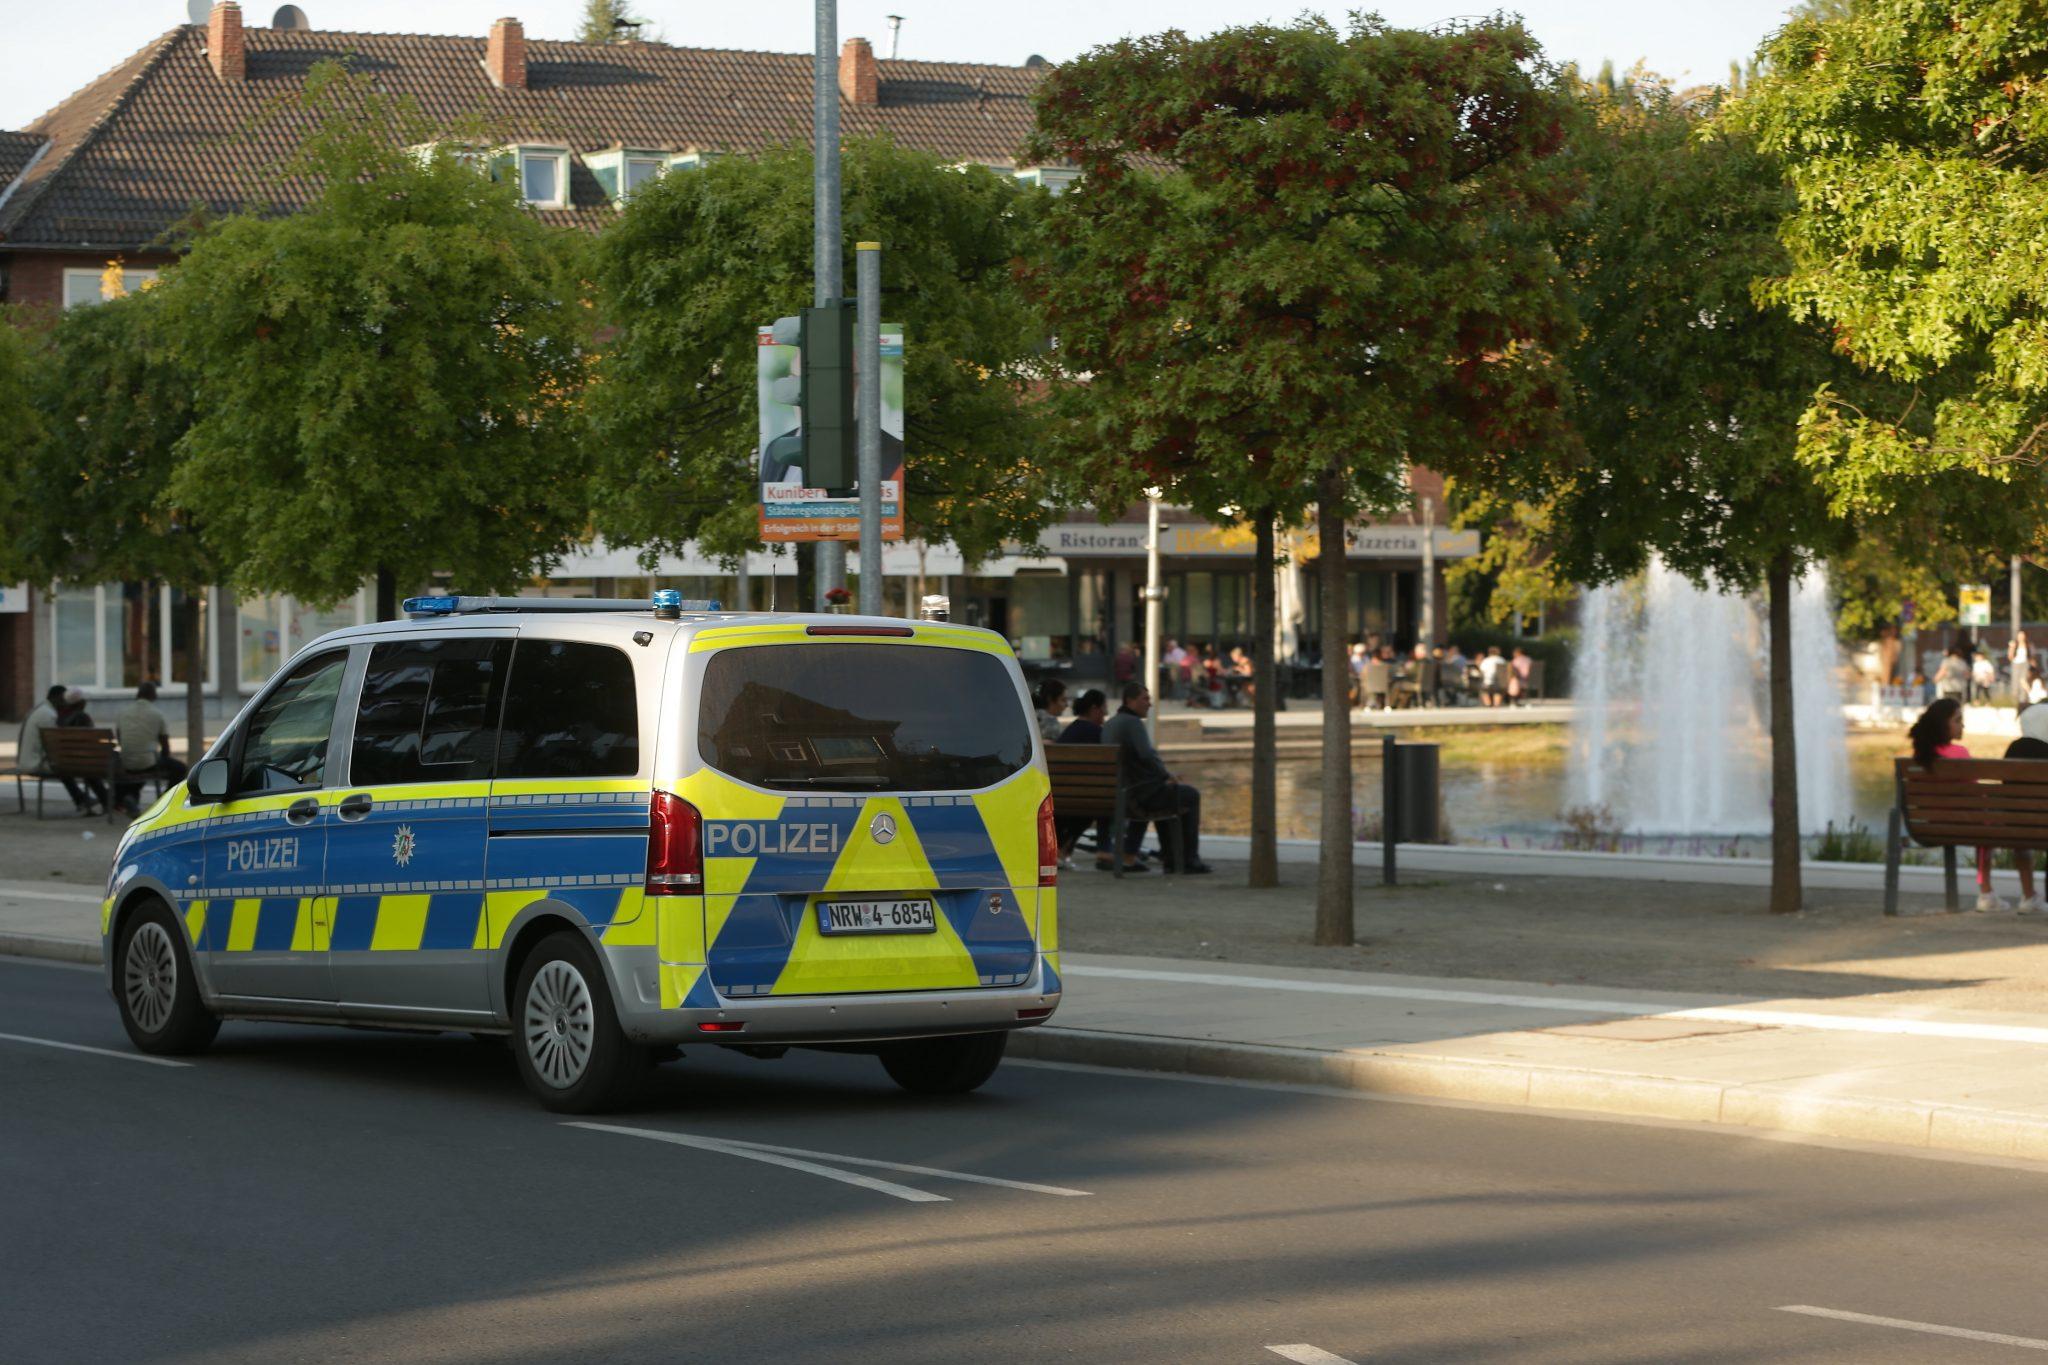 Ein Polizeiwagen fährt durch Stolberg, wo sich die mutmaßlich islamistische Tat ereignete Foto: picture alliance/David Young/dpa